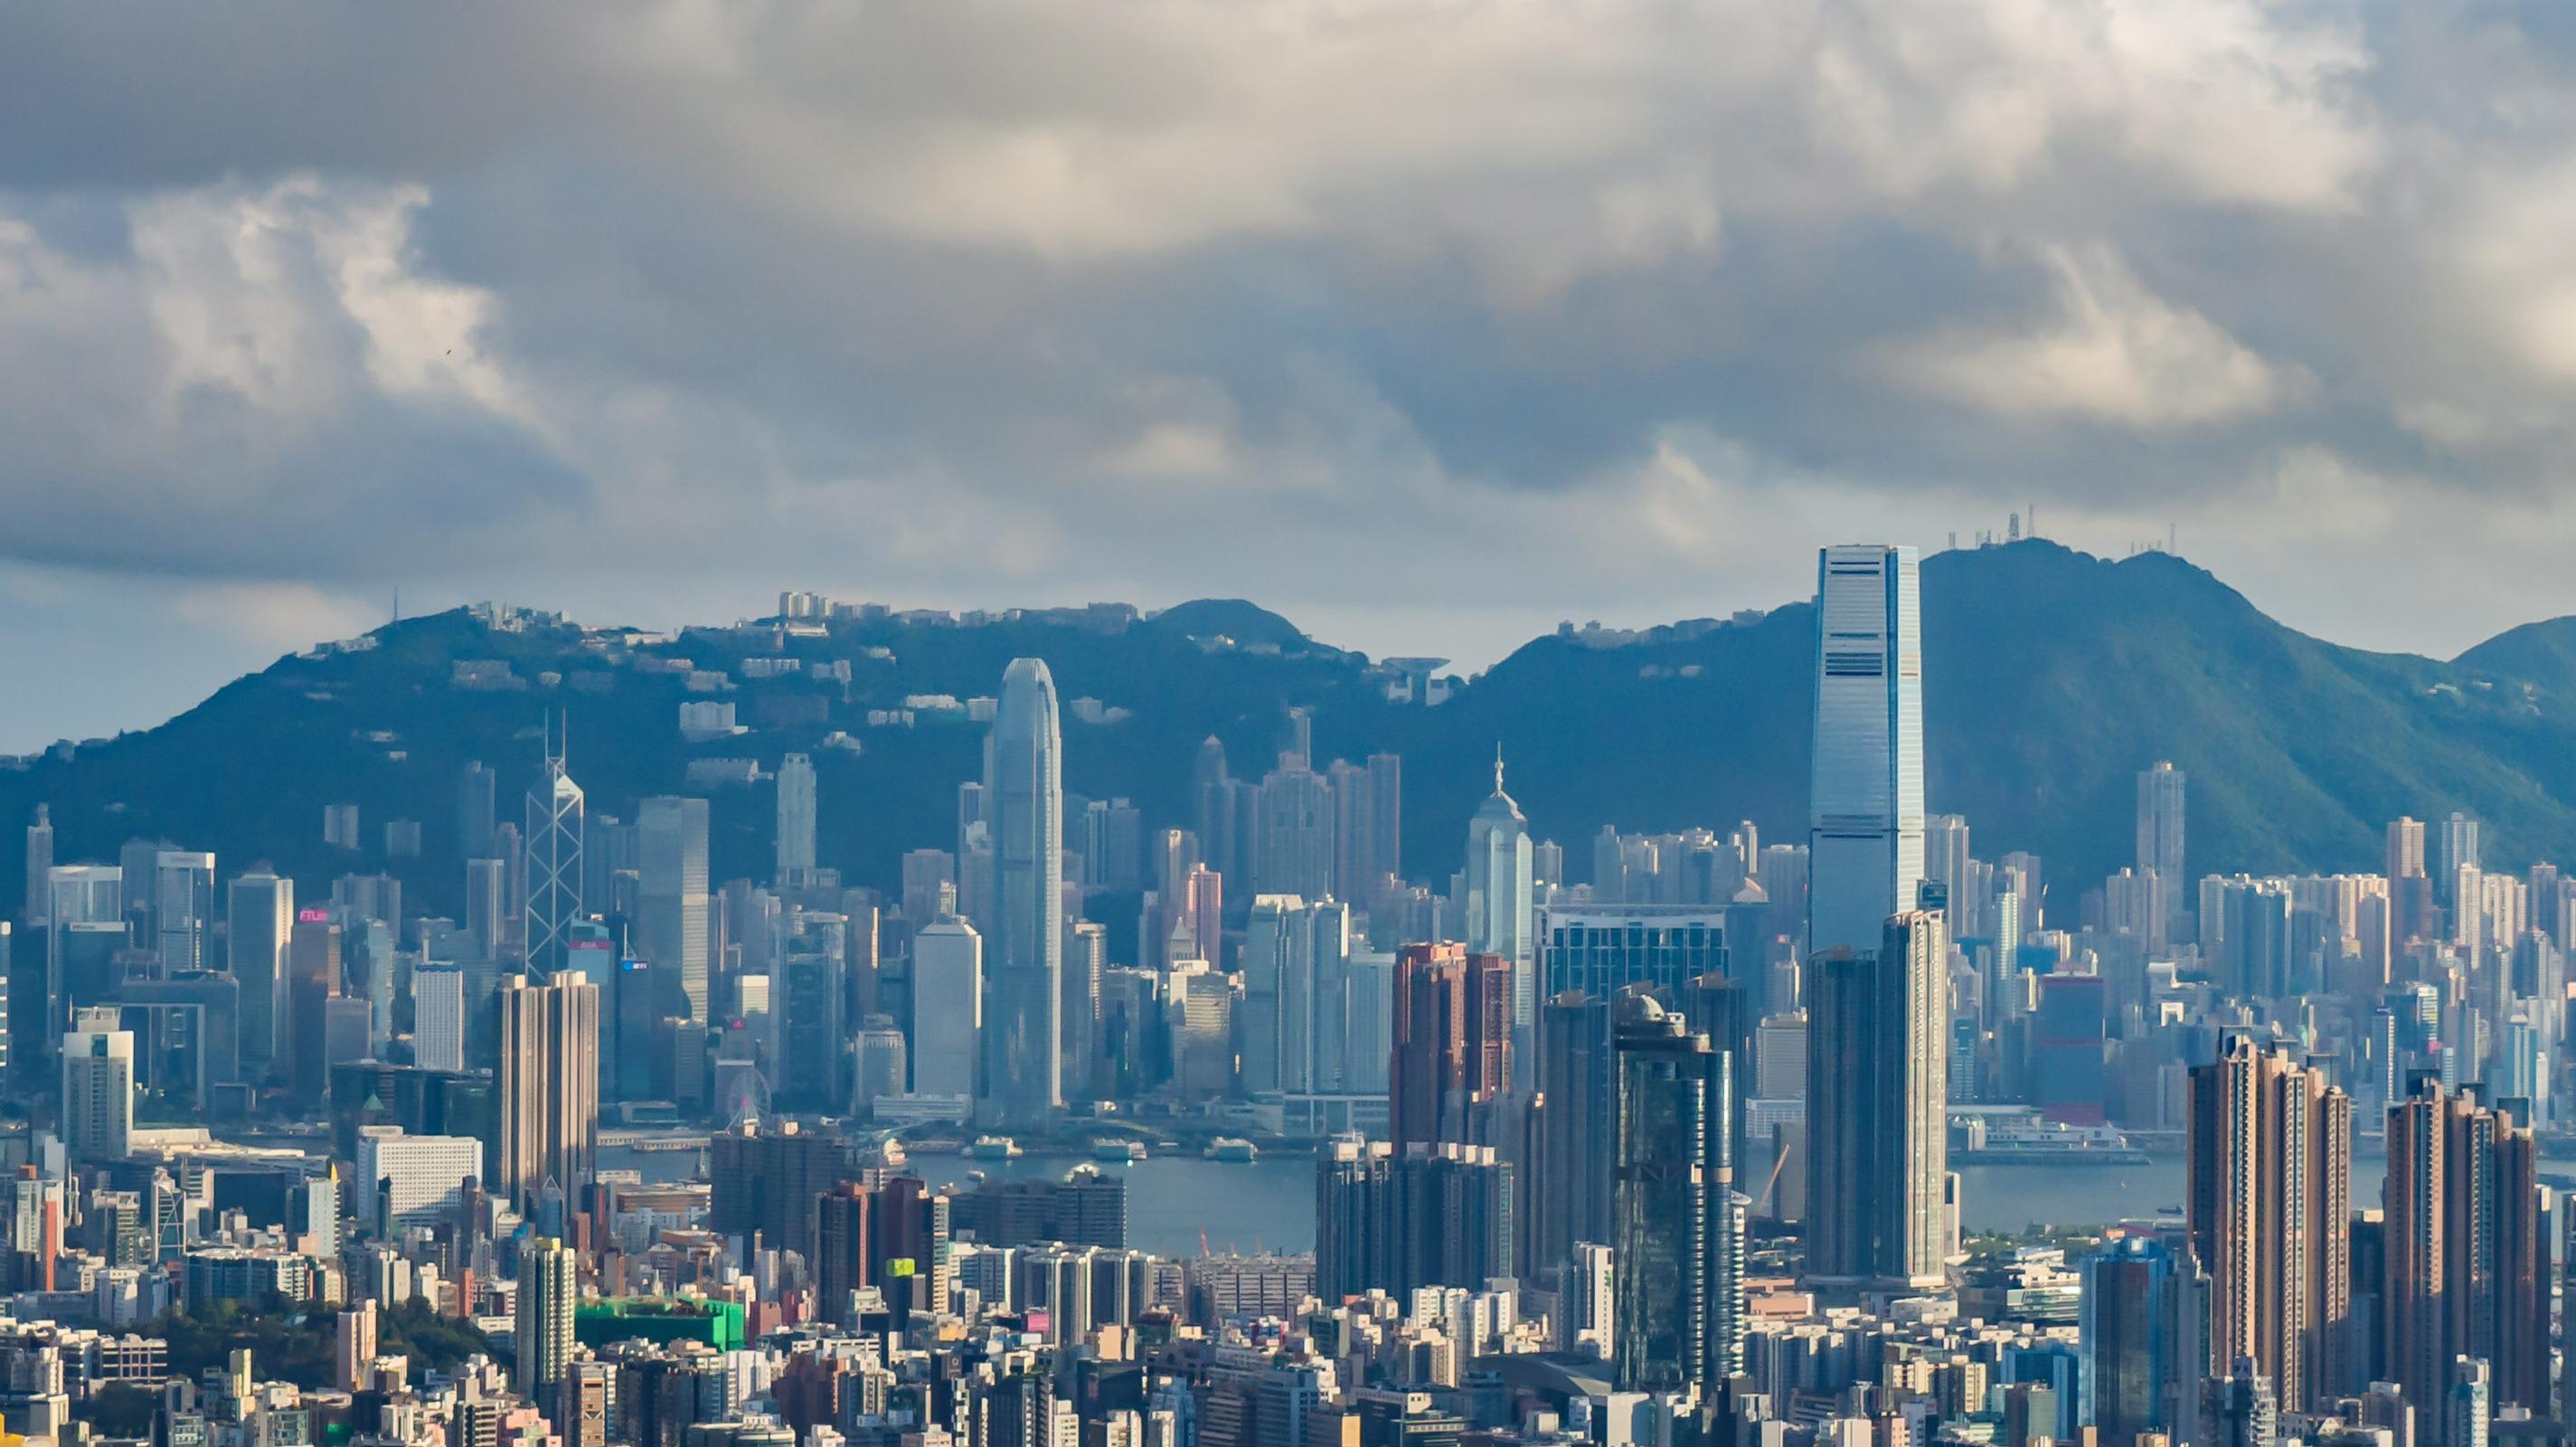 The Urban Jungle of Hong Kong